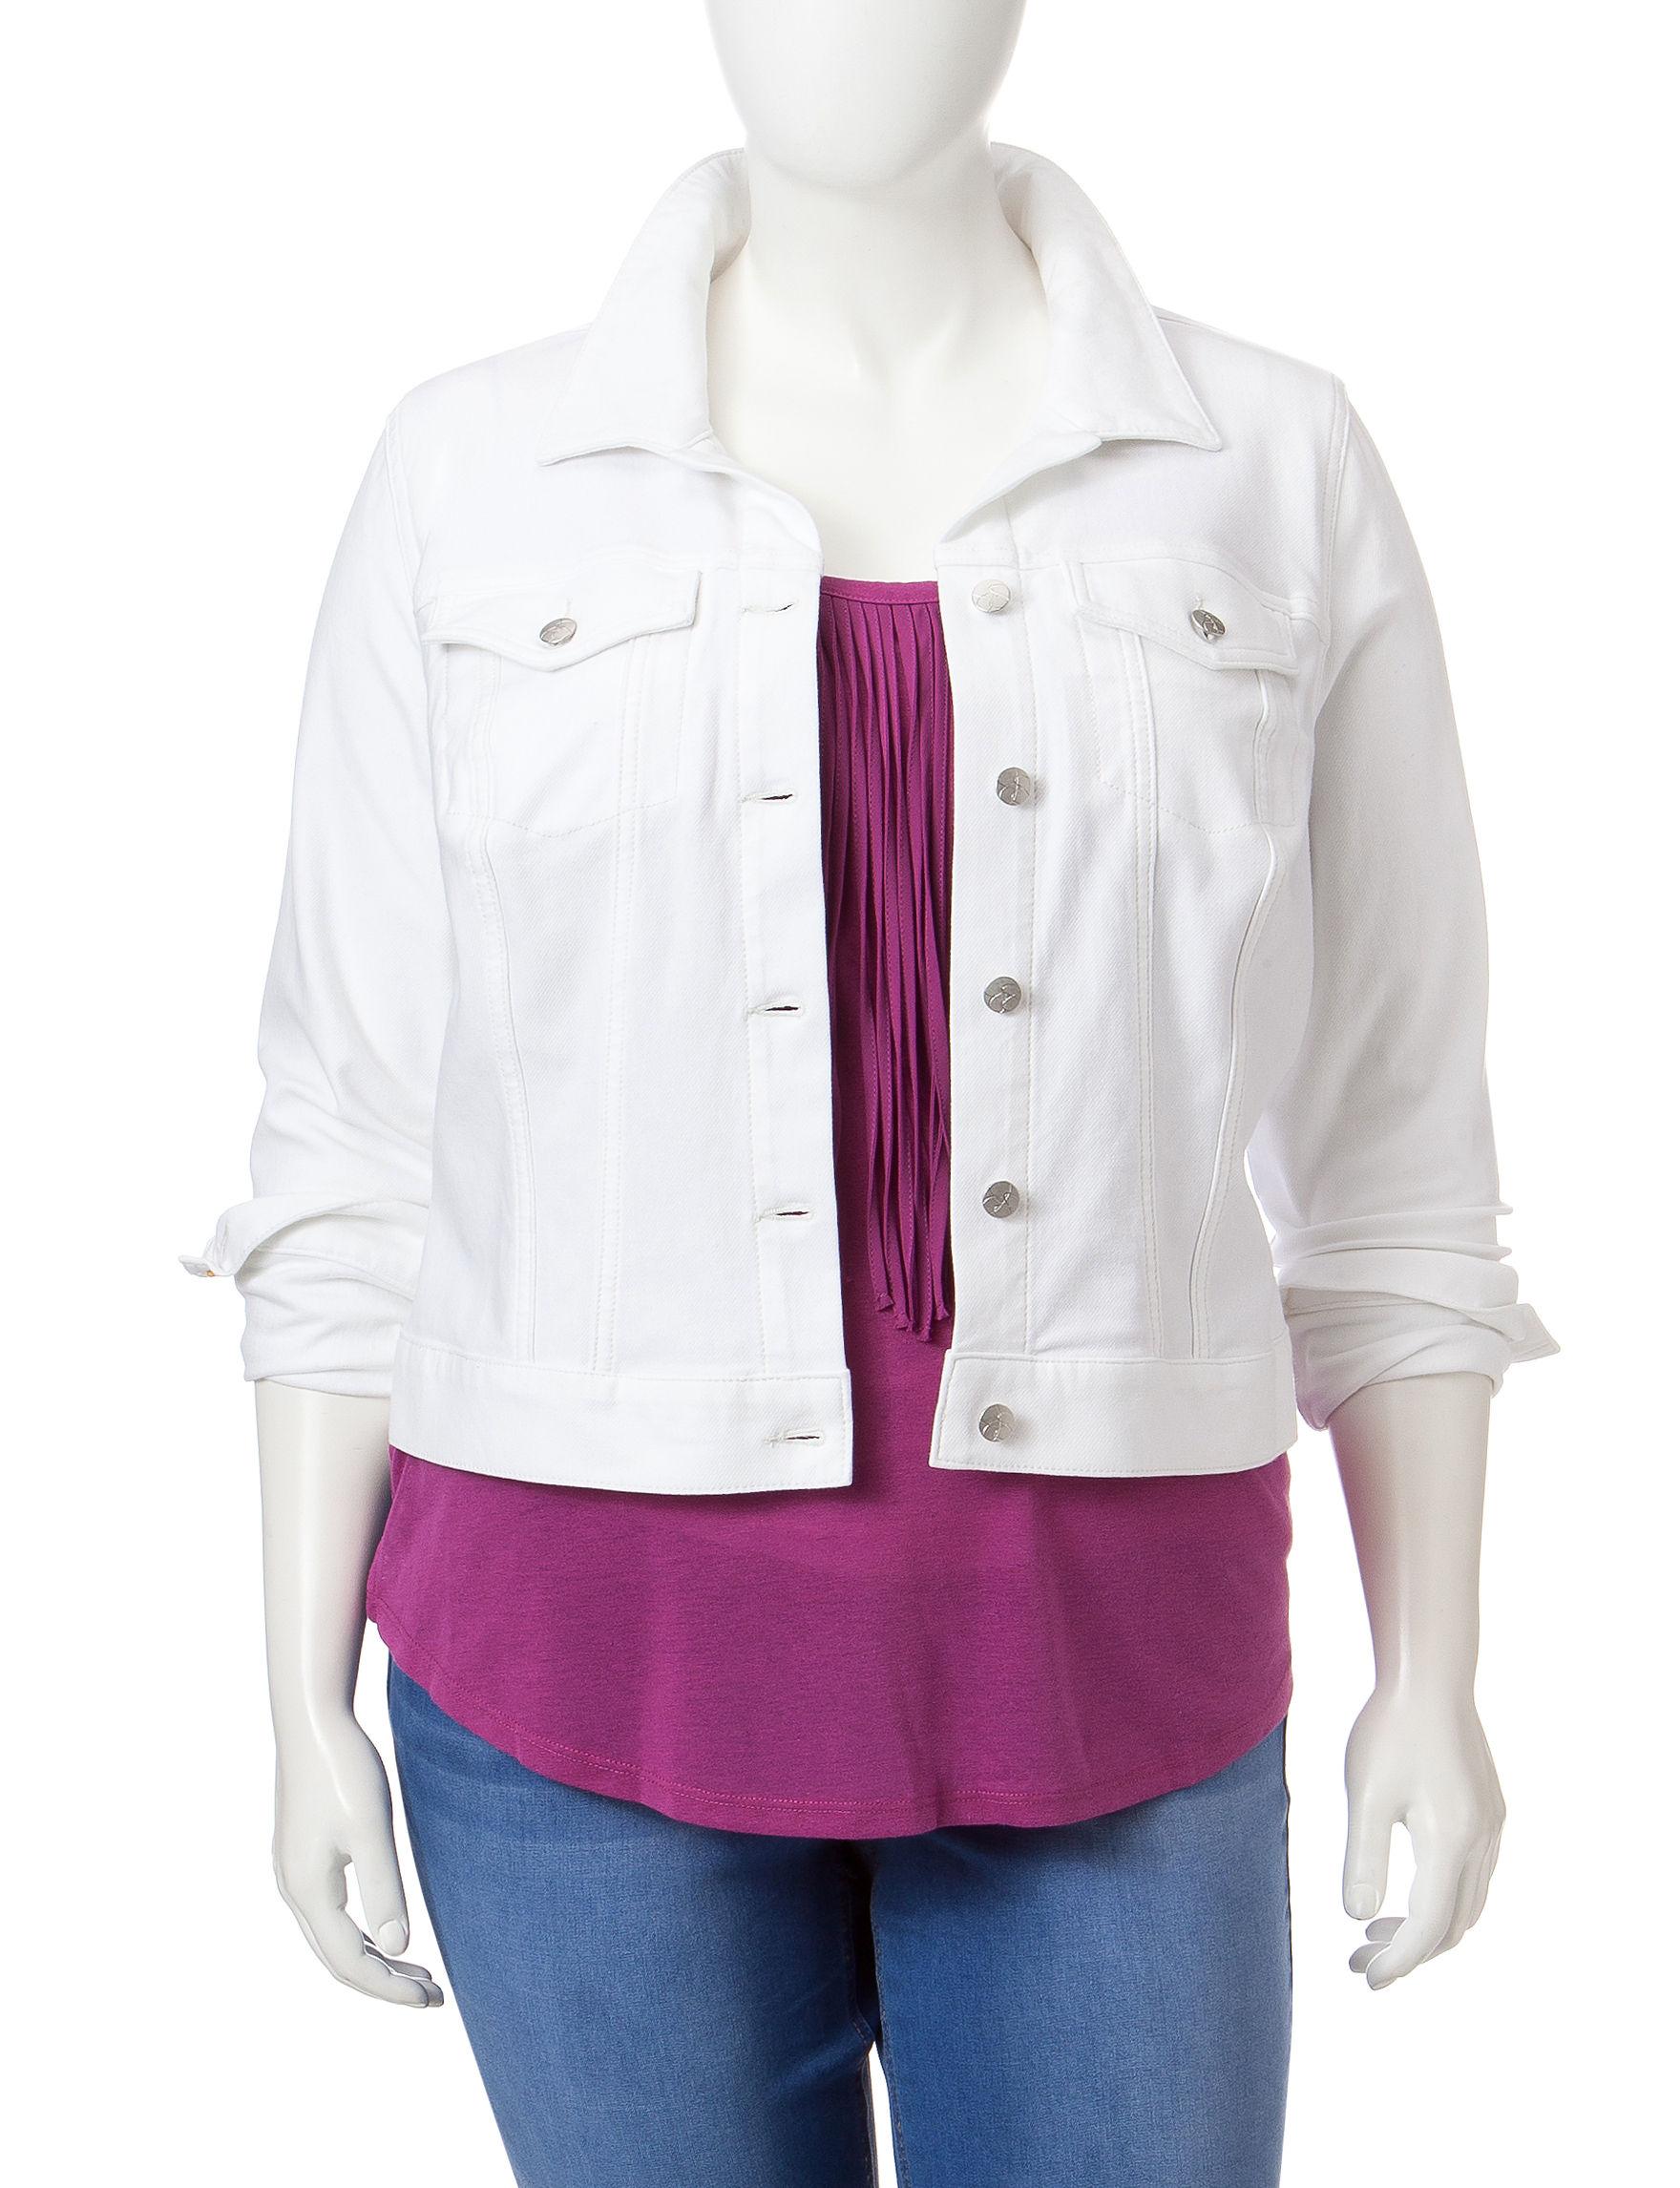 Jessica Simpson White Lightweight Jackets & Blazers